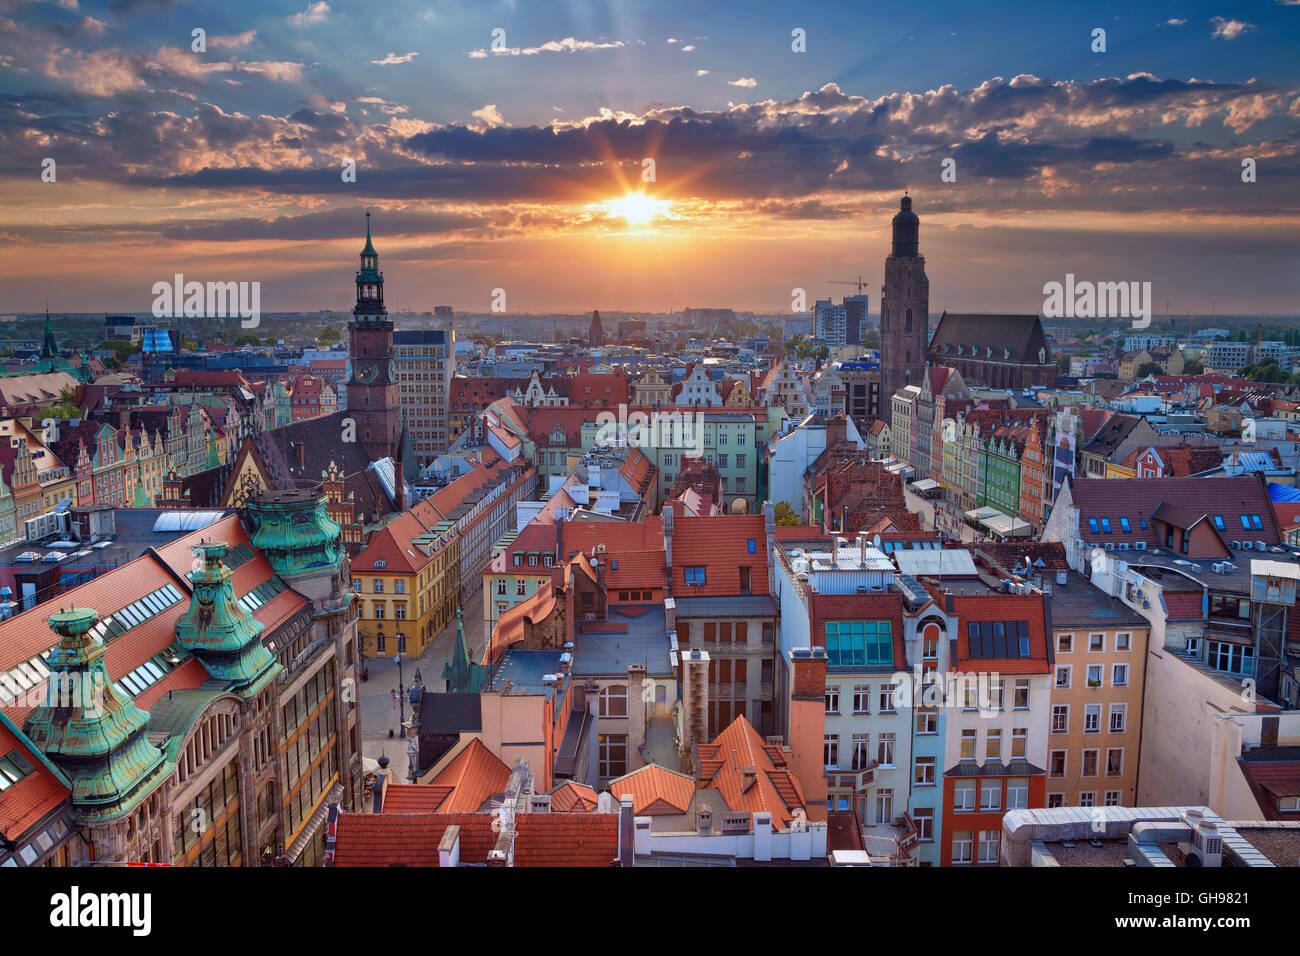 Wroclaw. Bild von Wroclaw, Polen im Sommer Sonnenuntergang. Stockbild